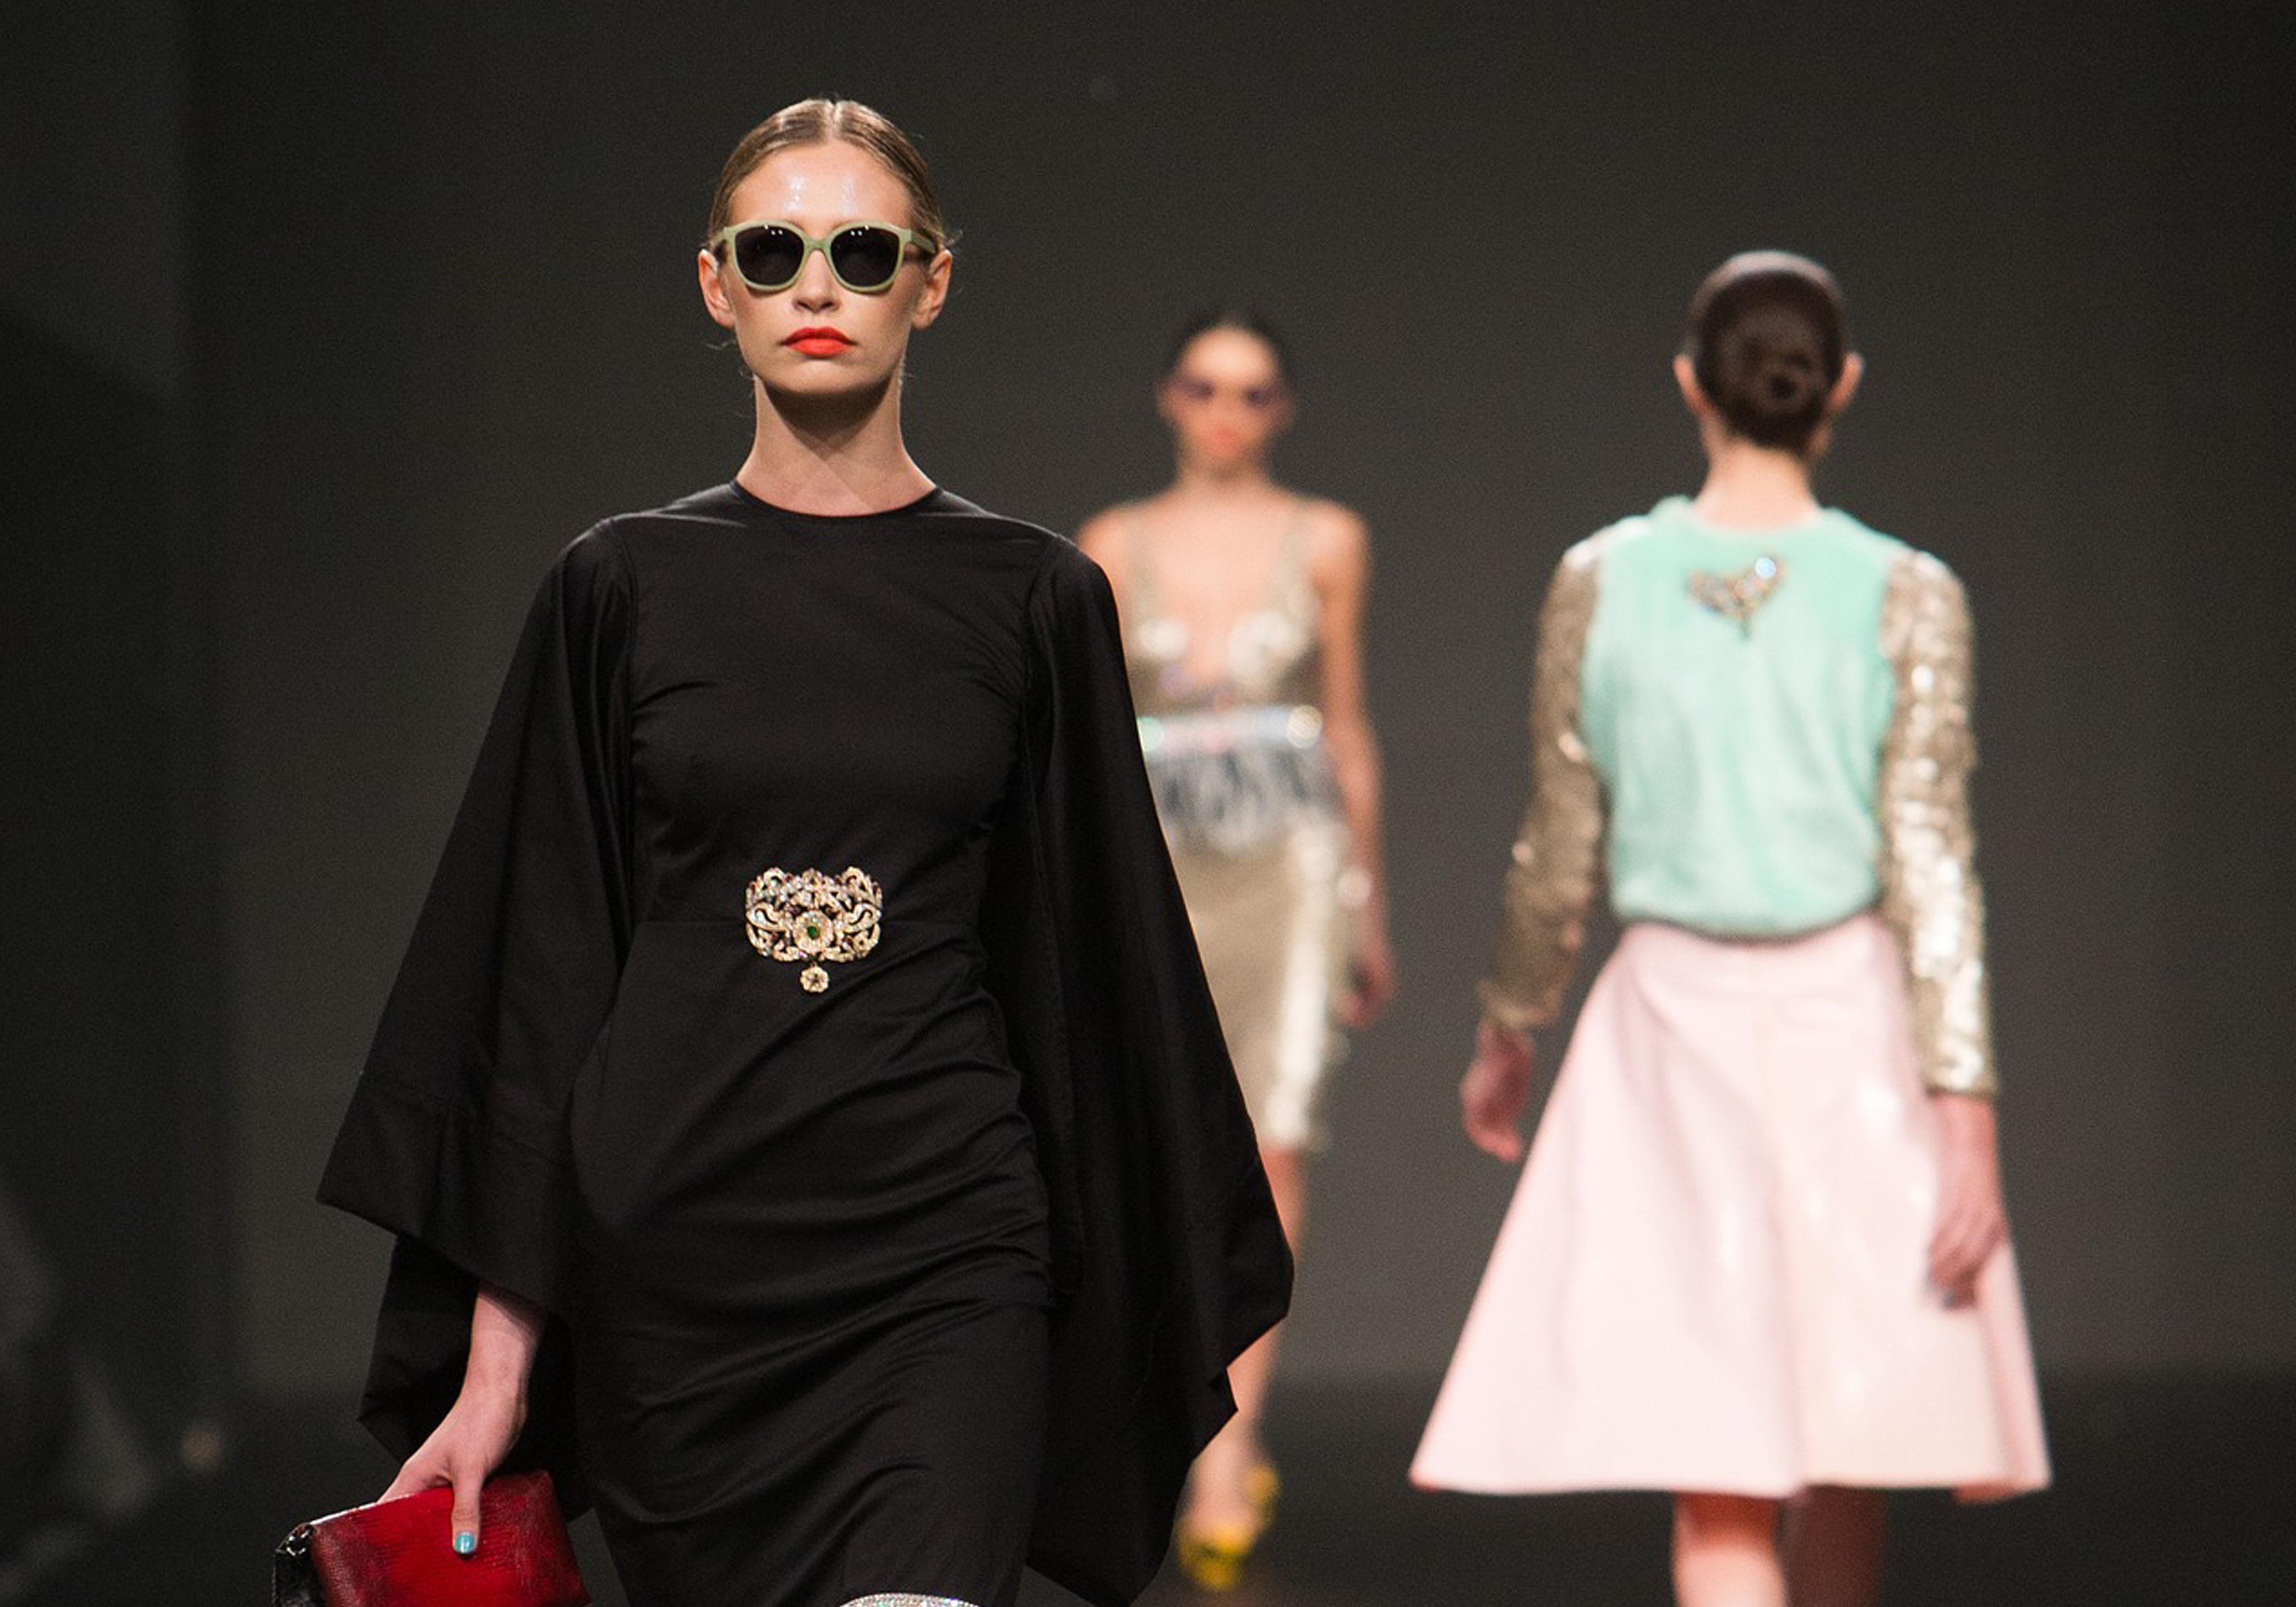 La protección de la moda no incomoda